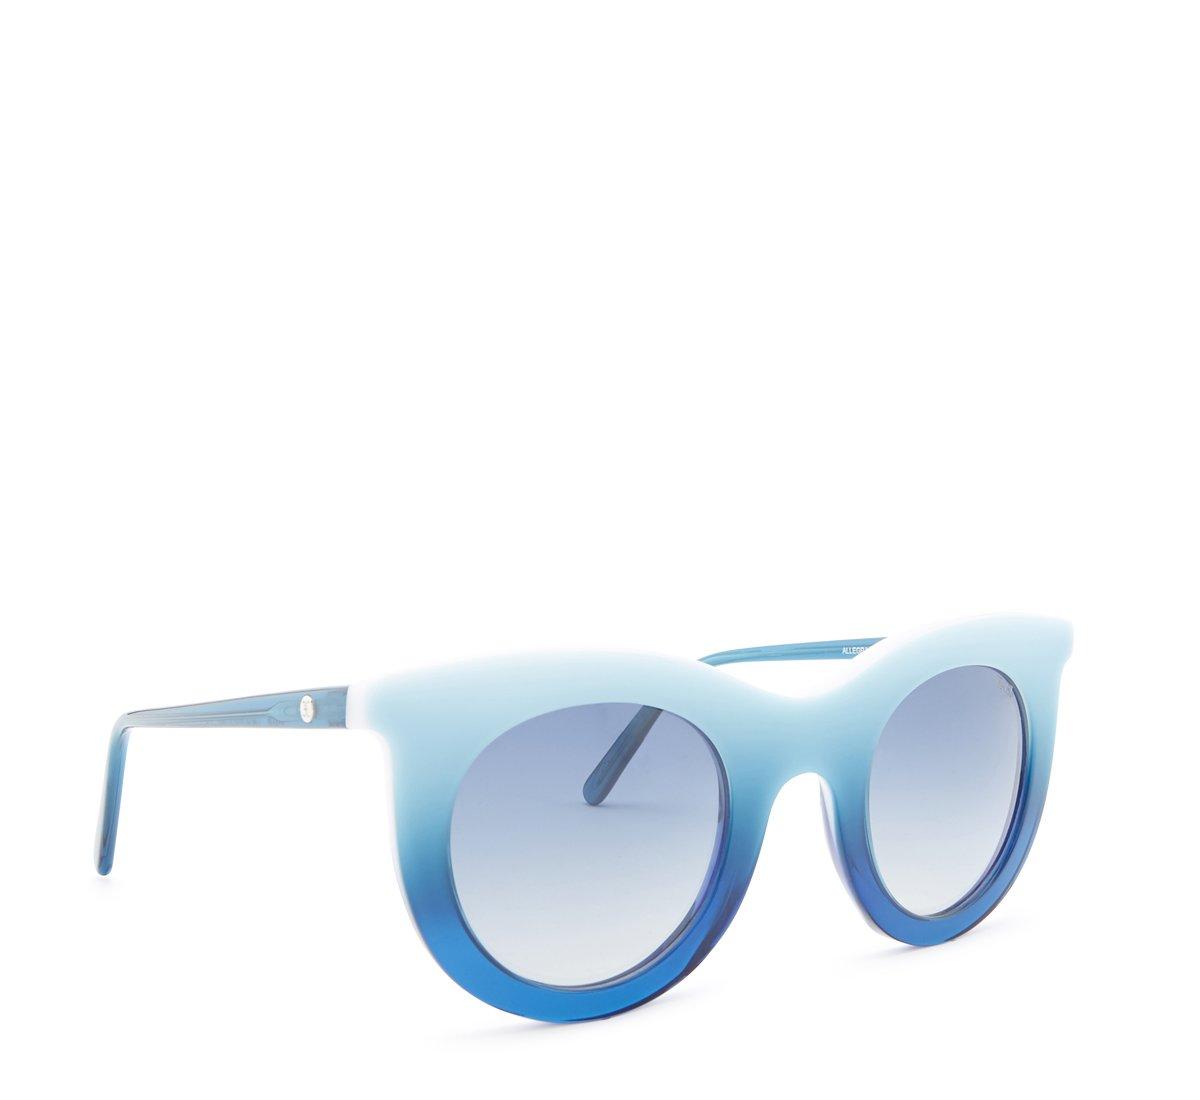 Occhiale Allegra blu